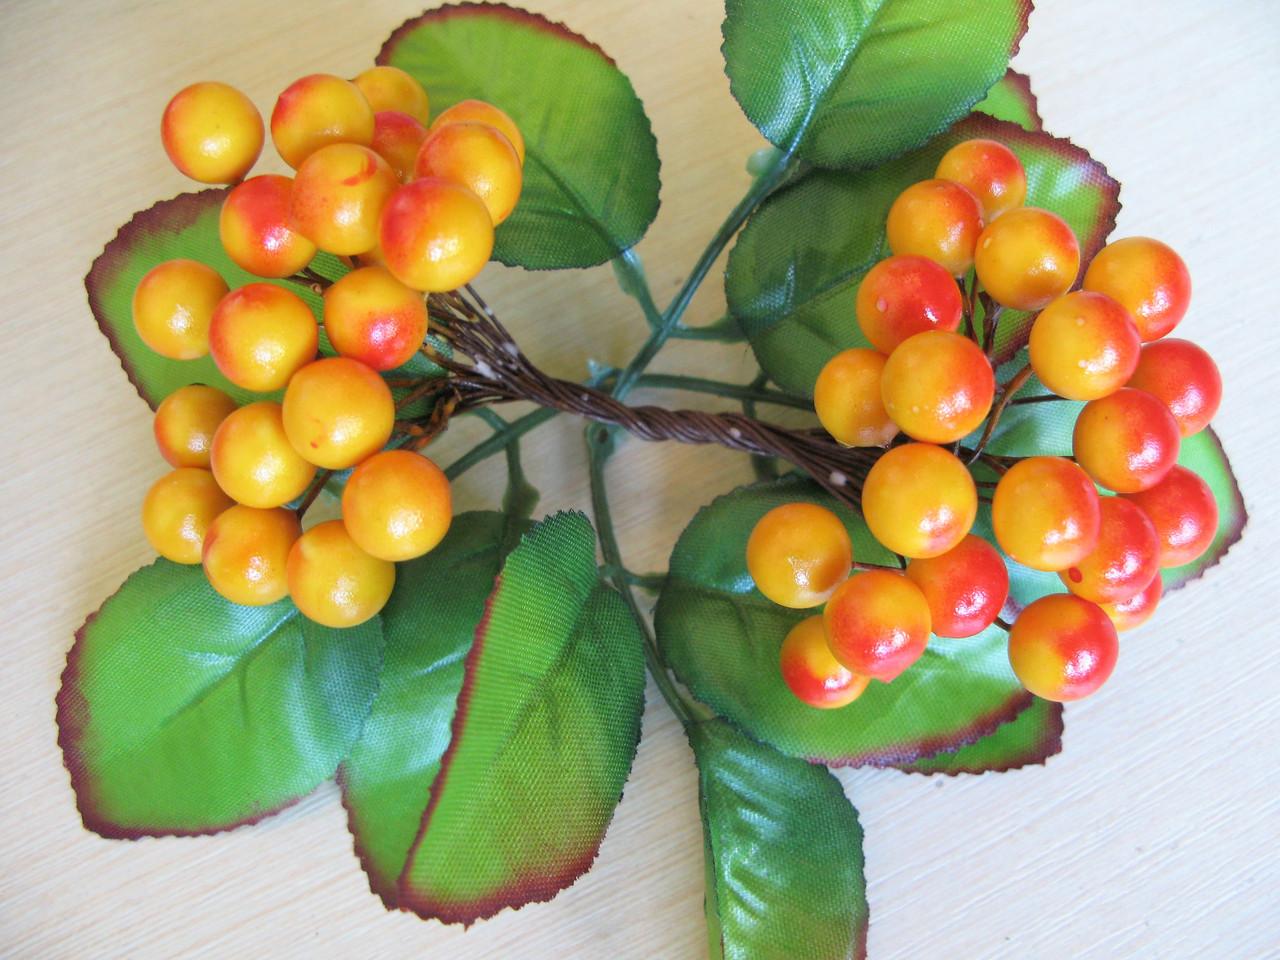 Ягоды гладкие 10 мм желтые с красным бочком